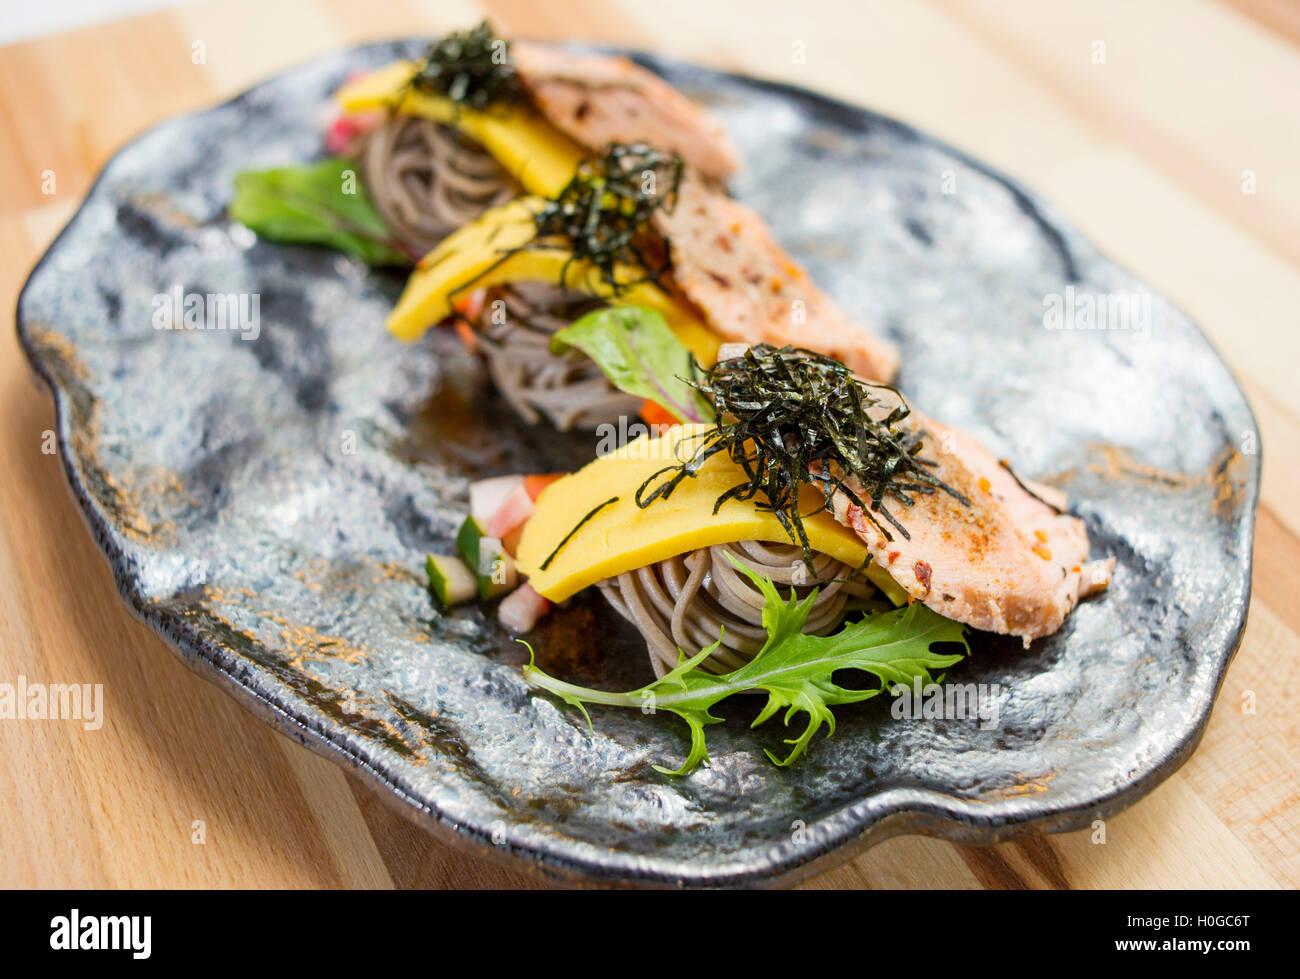 Salmón con fideos soba, hierbas y algas en plato negro Imagen De Stock